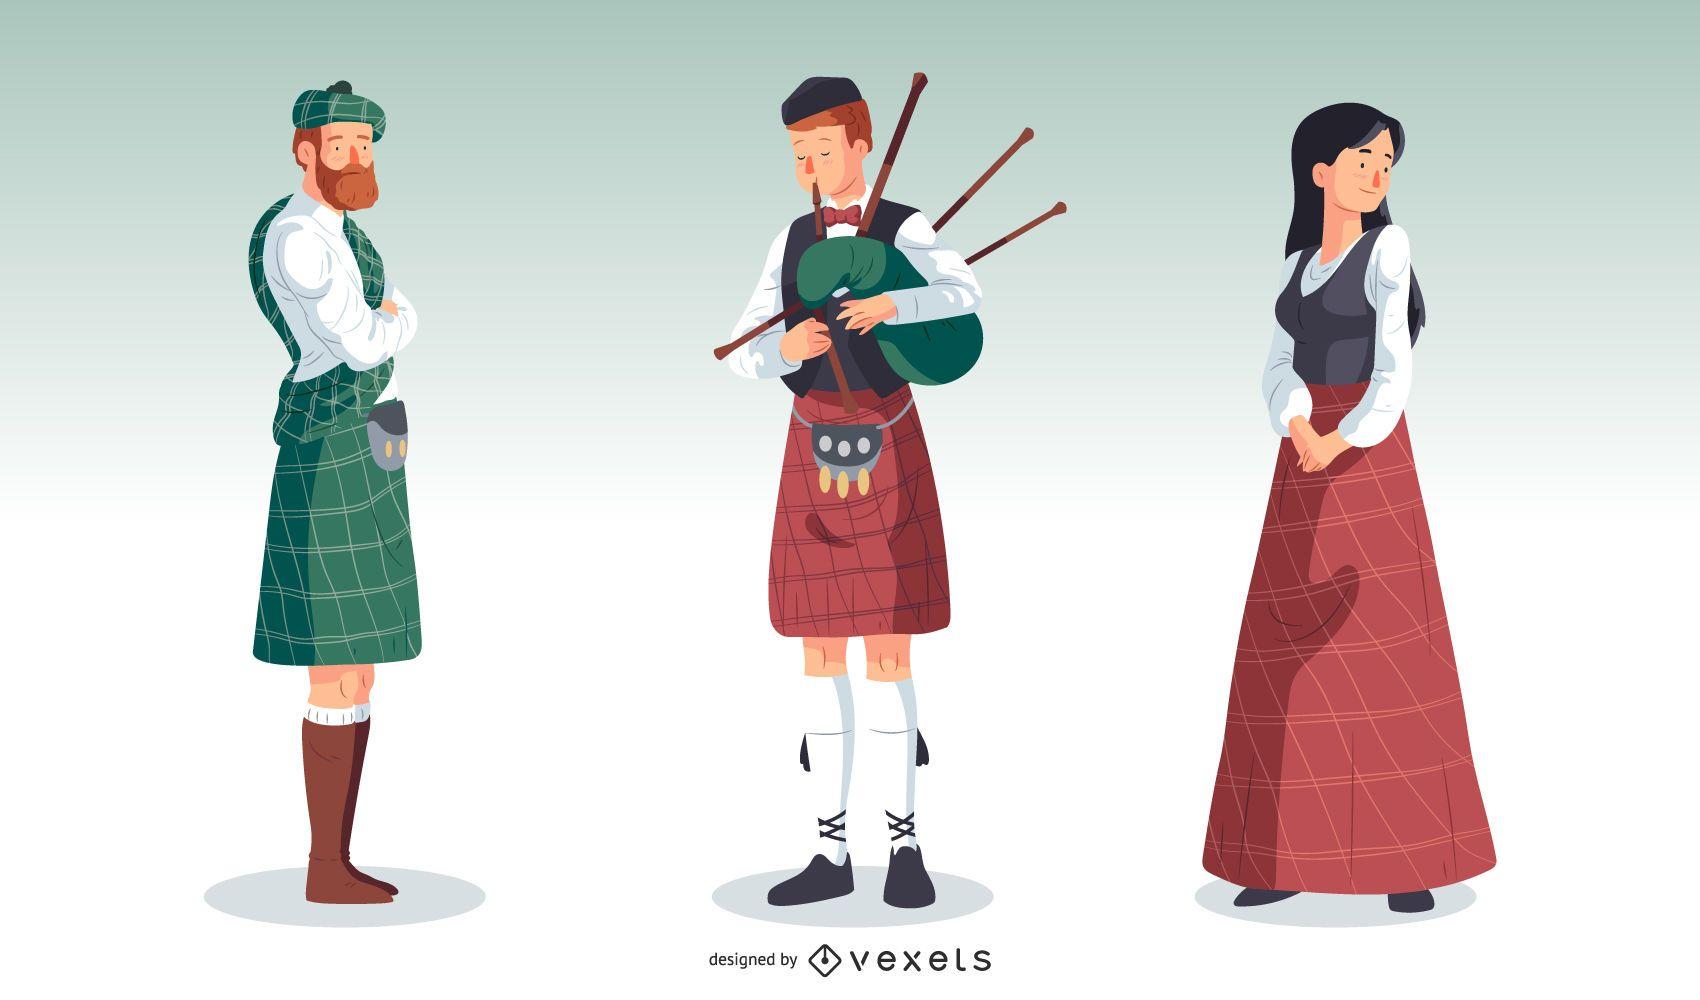 Traditional Highland Clothing Illustration